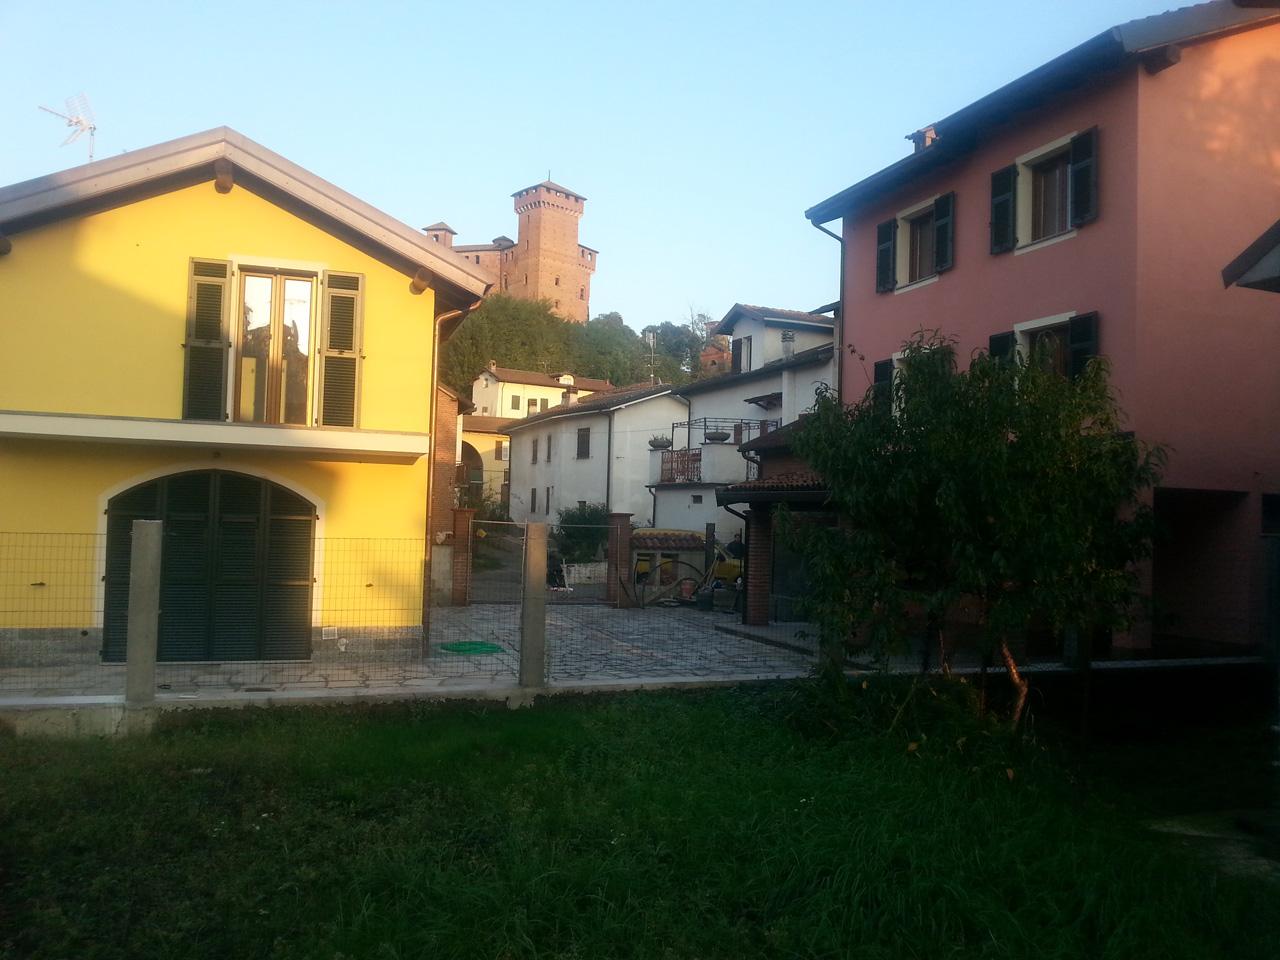 Villa in vendita a Gavi, 5 locali, prezzo € 257.000 | Cambio Casa.it